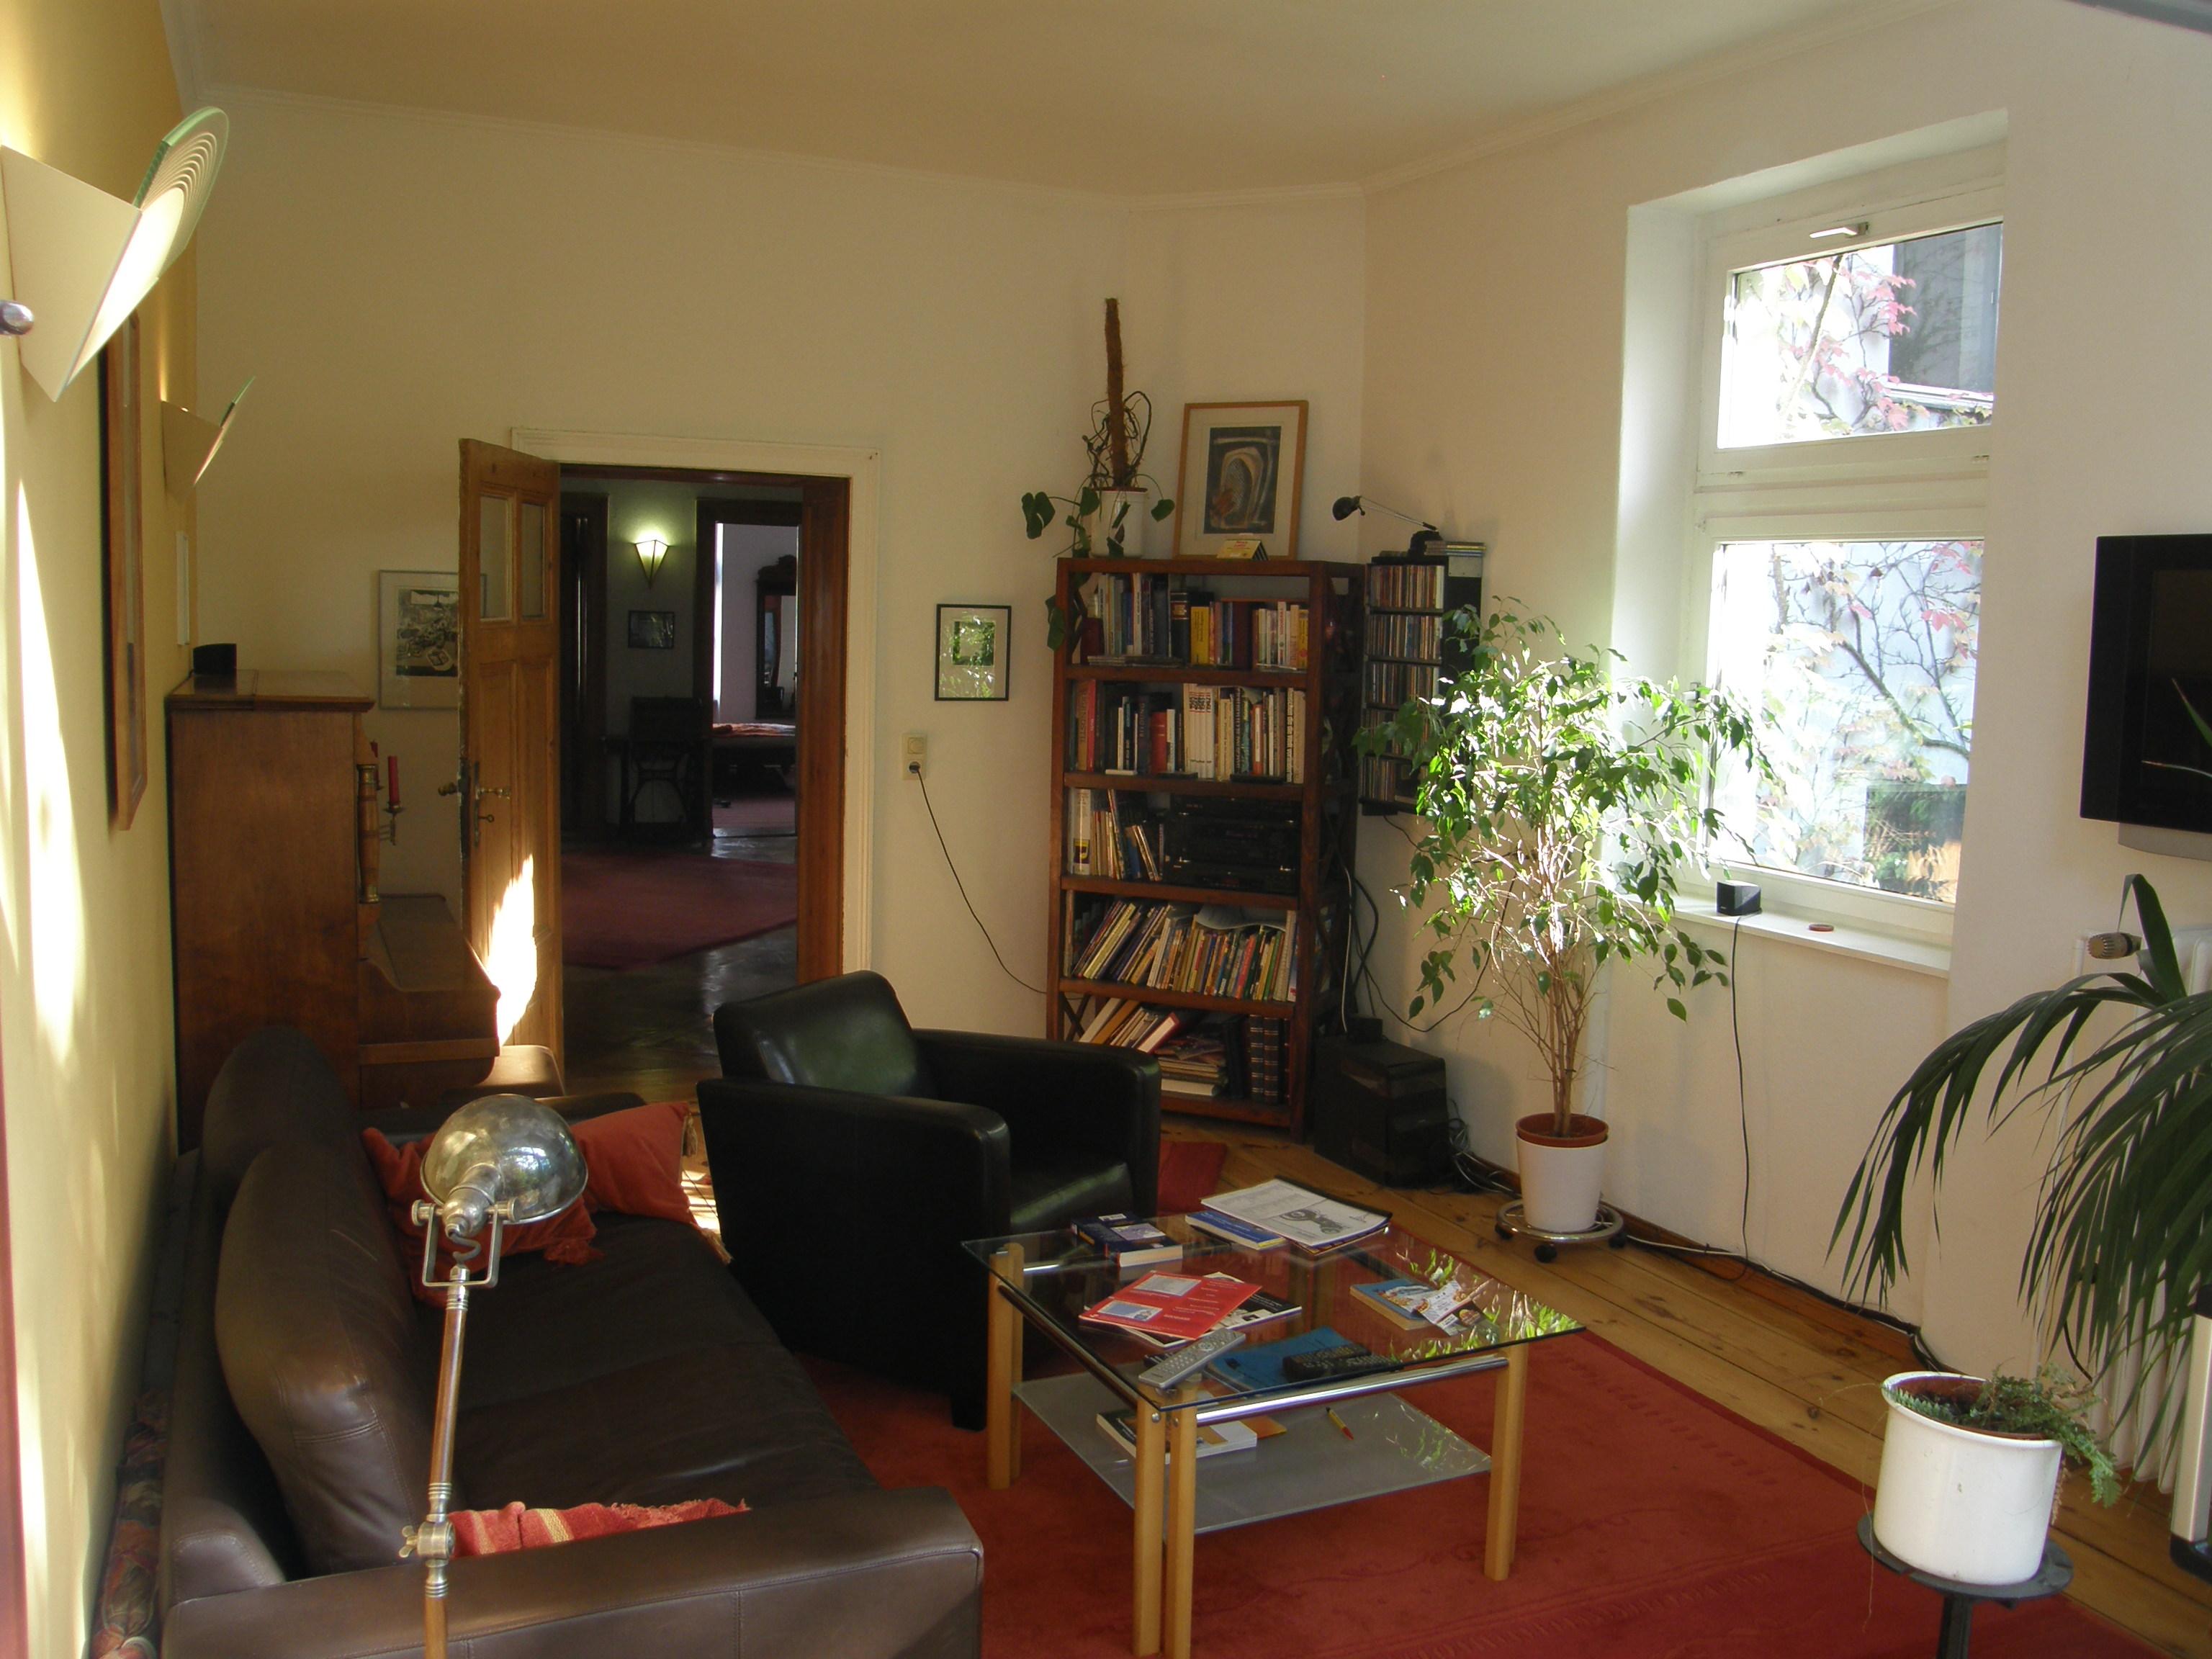 maison a echanger cool maison ancienne proche septeuil with maison a echanger good le meilleur. Black Bedroom Furniture Sets. Home Design Ideas